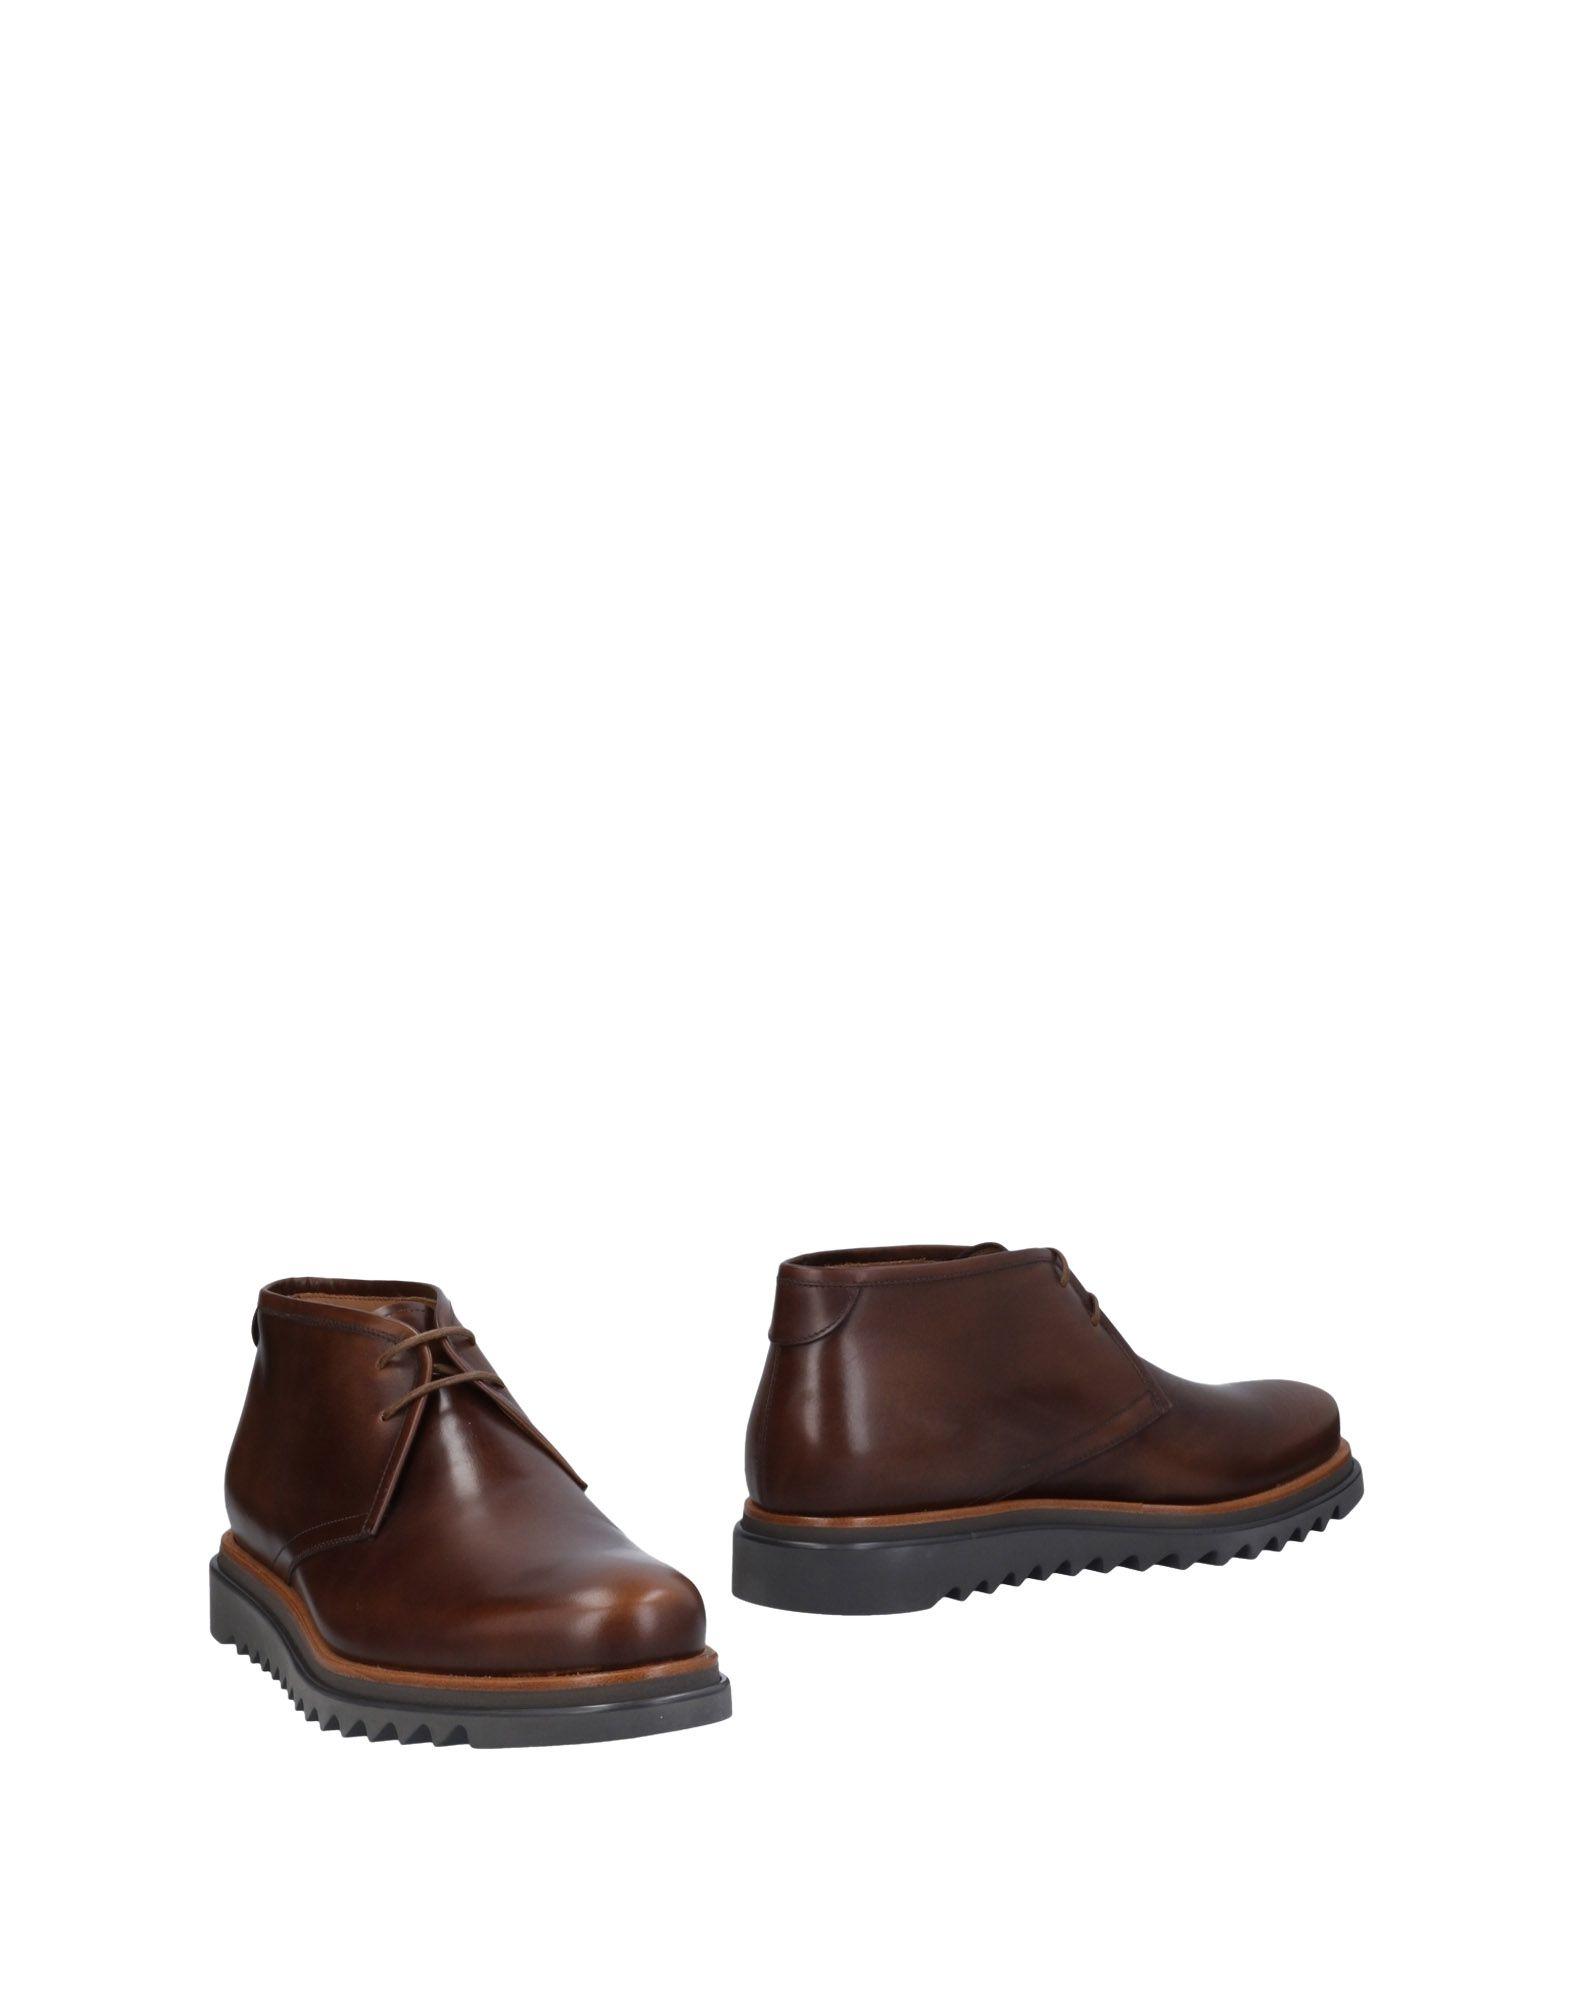 Salvatore Ferragamo Stiefelette Herren  11463150FT Gute Qualität beliebte Schuhe